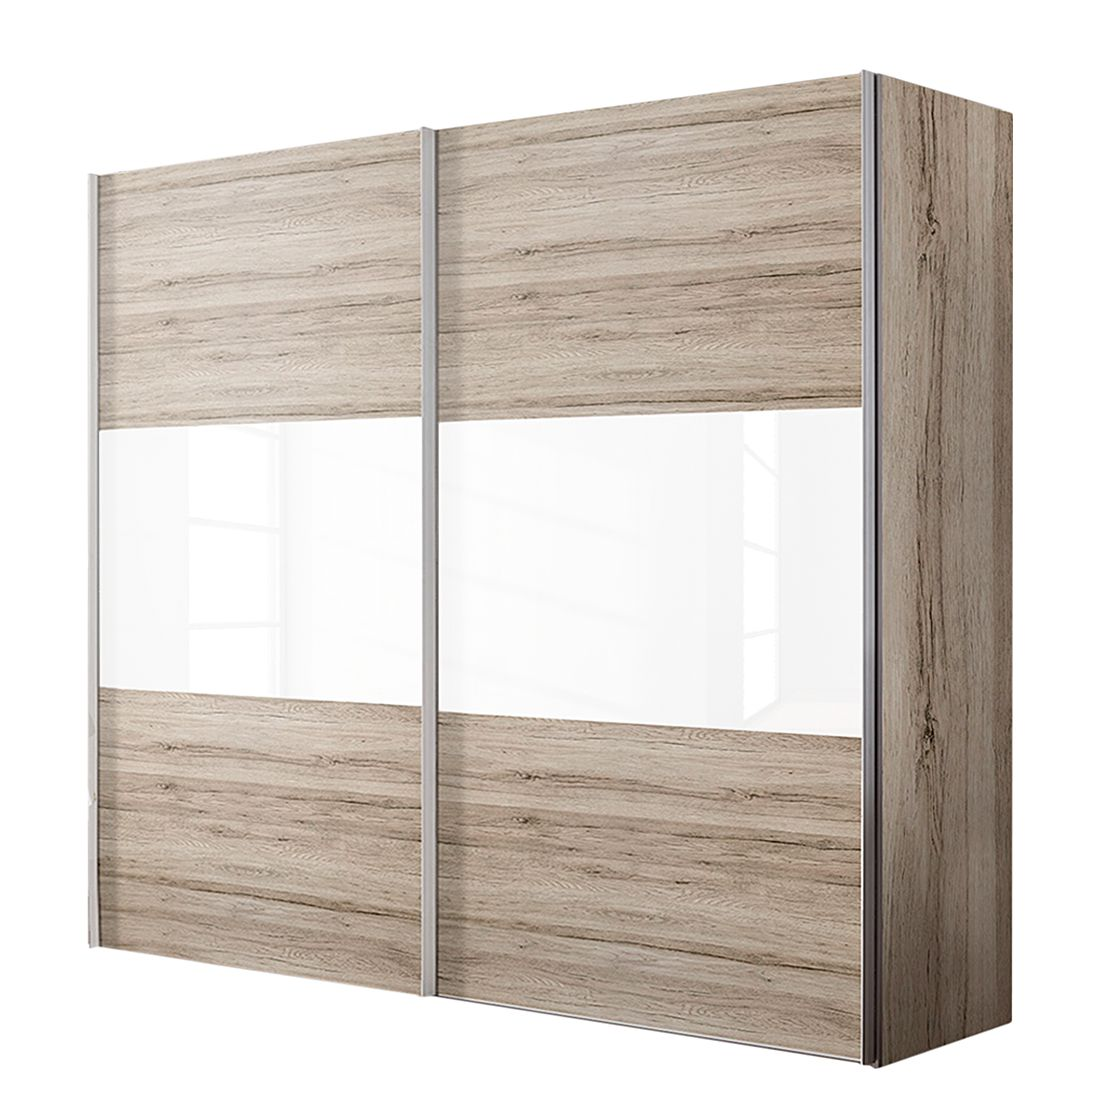 Schwebetürenschrank Ruby – Sanremo Eiche Dekor/Weißglas – BxH: 300 x 216 cm -3-türig, Solutions jetzt bestellen